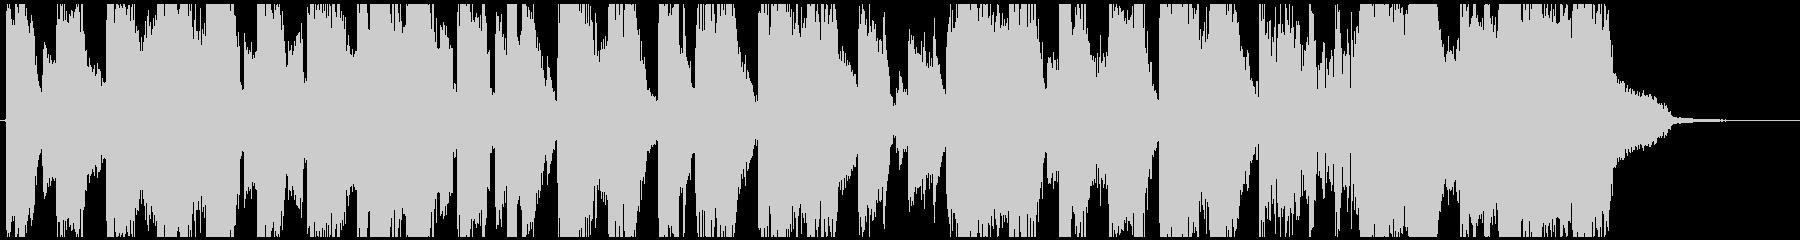 サイバーな生録サックス入りEDMジングルの未再生の波形